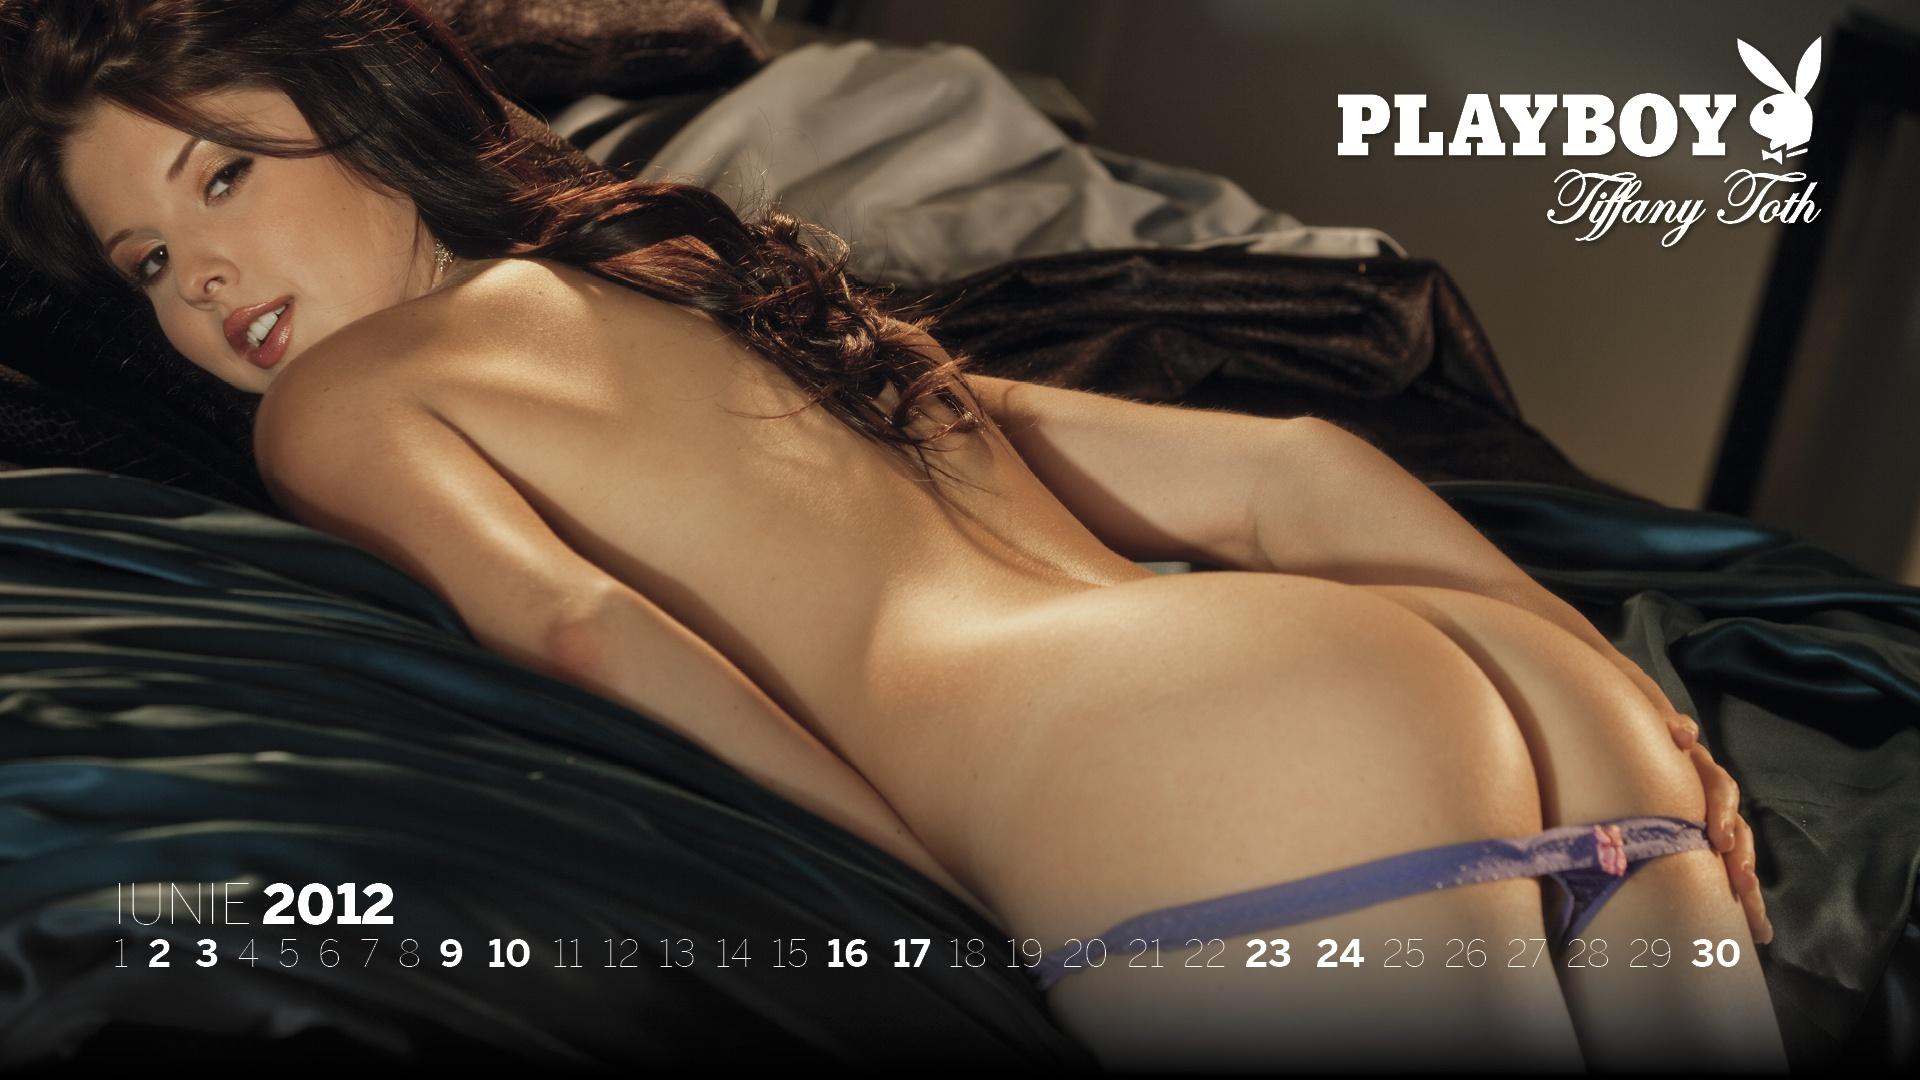 Naughty girl self porn